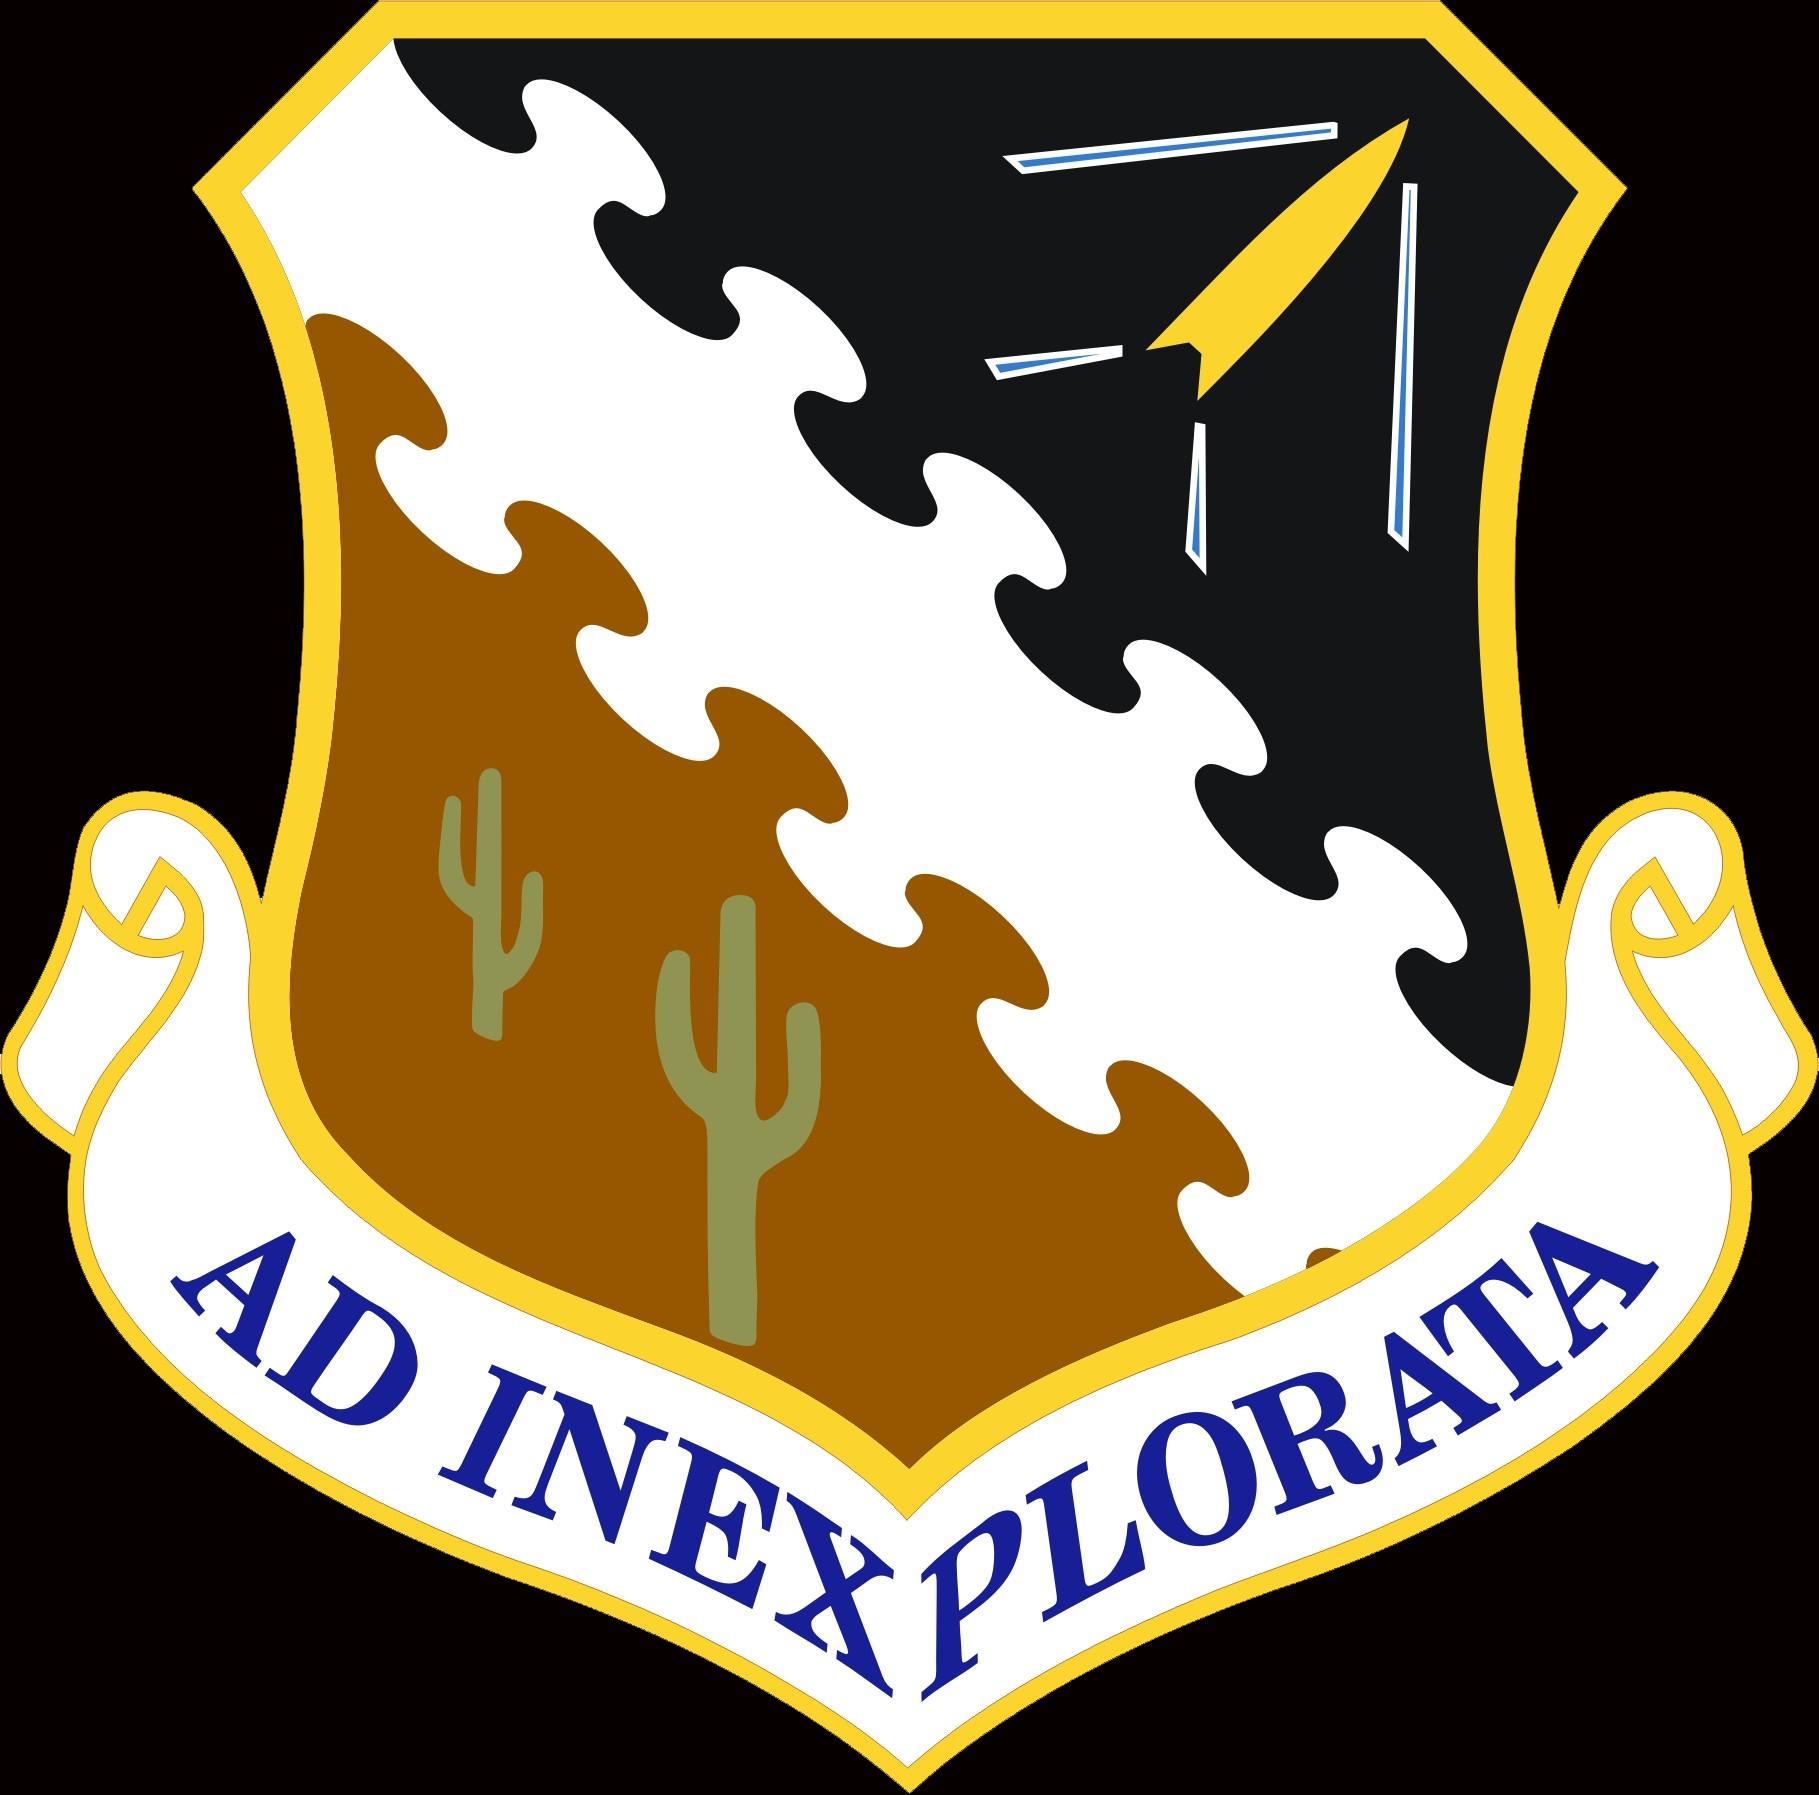 Edwards Air Force base logo.